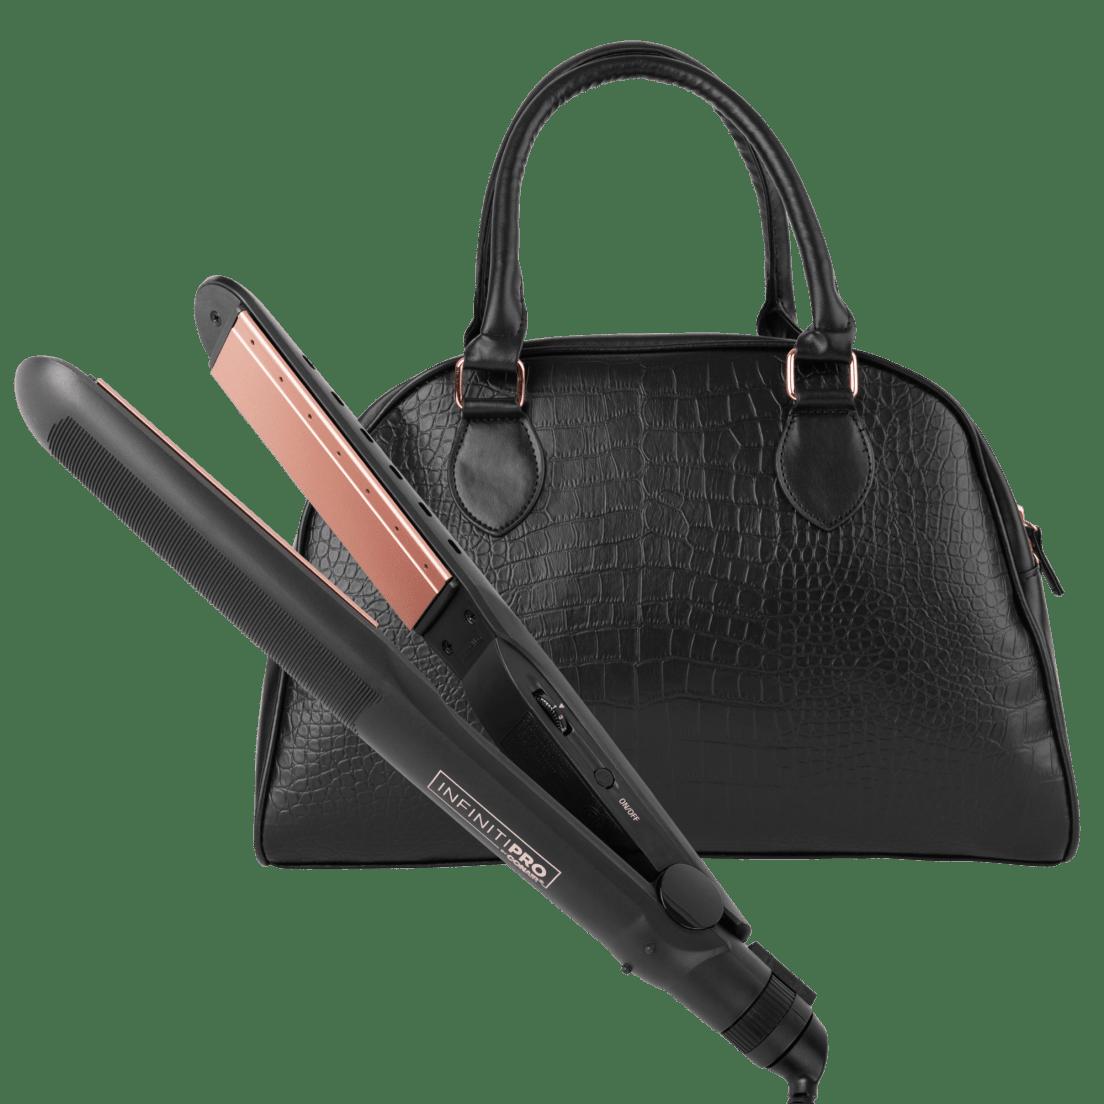 25425e4fa24f Conair High Heat Flat Iron with Premium Overnight Bag